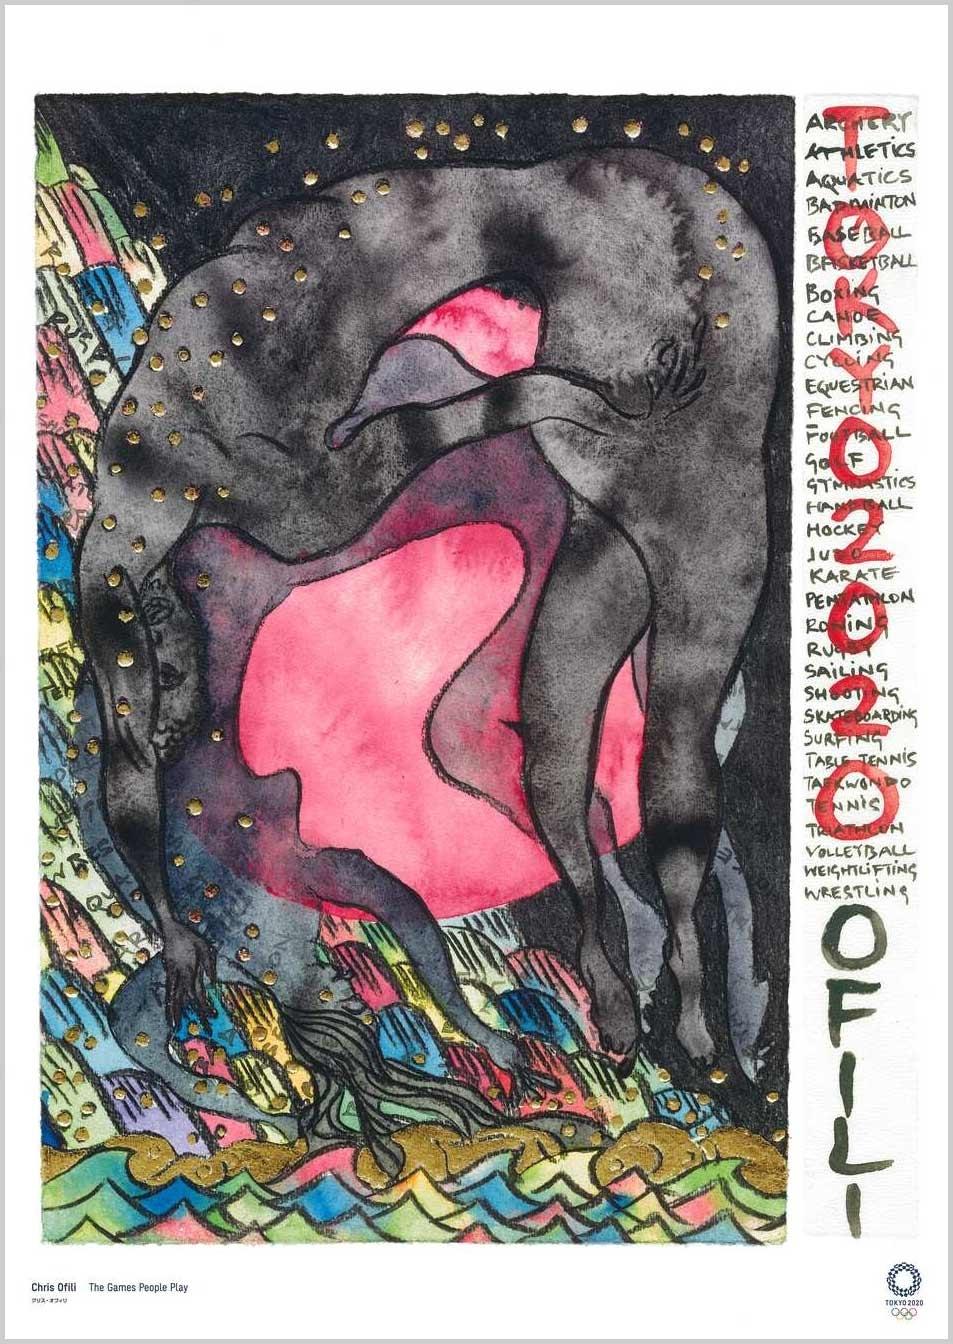 Chris Ofili (Artista) Cartazes oficiais para os Jogos Olímpicos Tóquio 2020